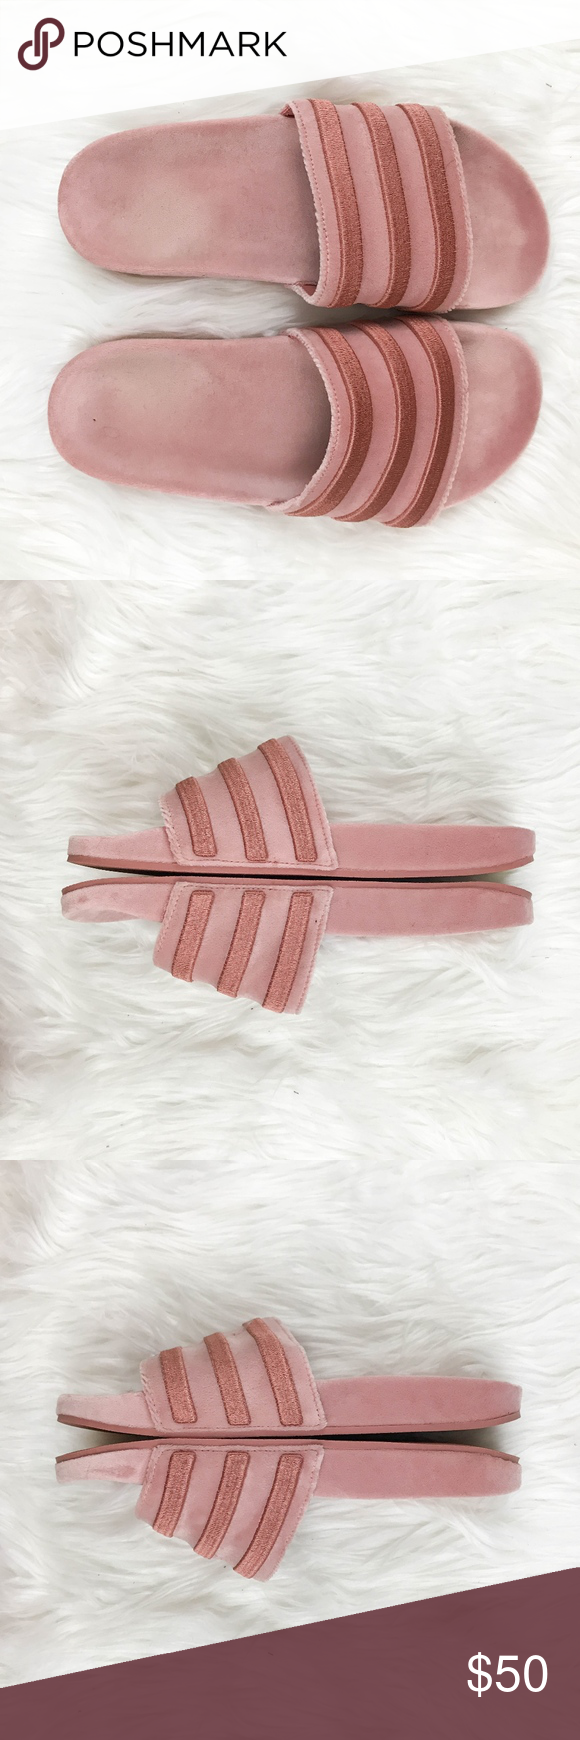 c7a5092f384 Adidas Originals Drops Slides Sz 9 Raw Pink Velvet Adidas Women s Originals  Drops Slides Size 9